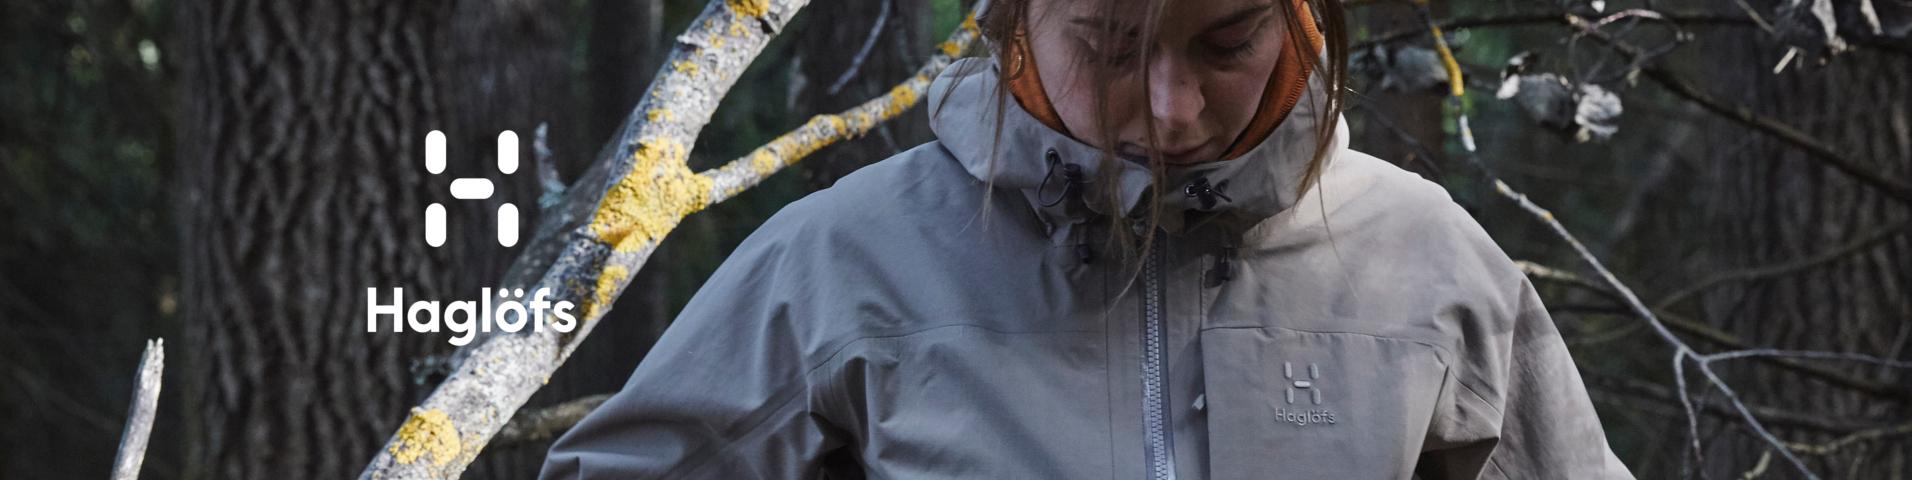 Haglöfs versandkostenfrei Jacken Damen kaufenZALANDO für QrxdCBeWo